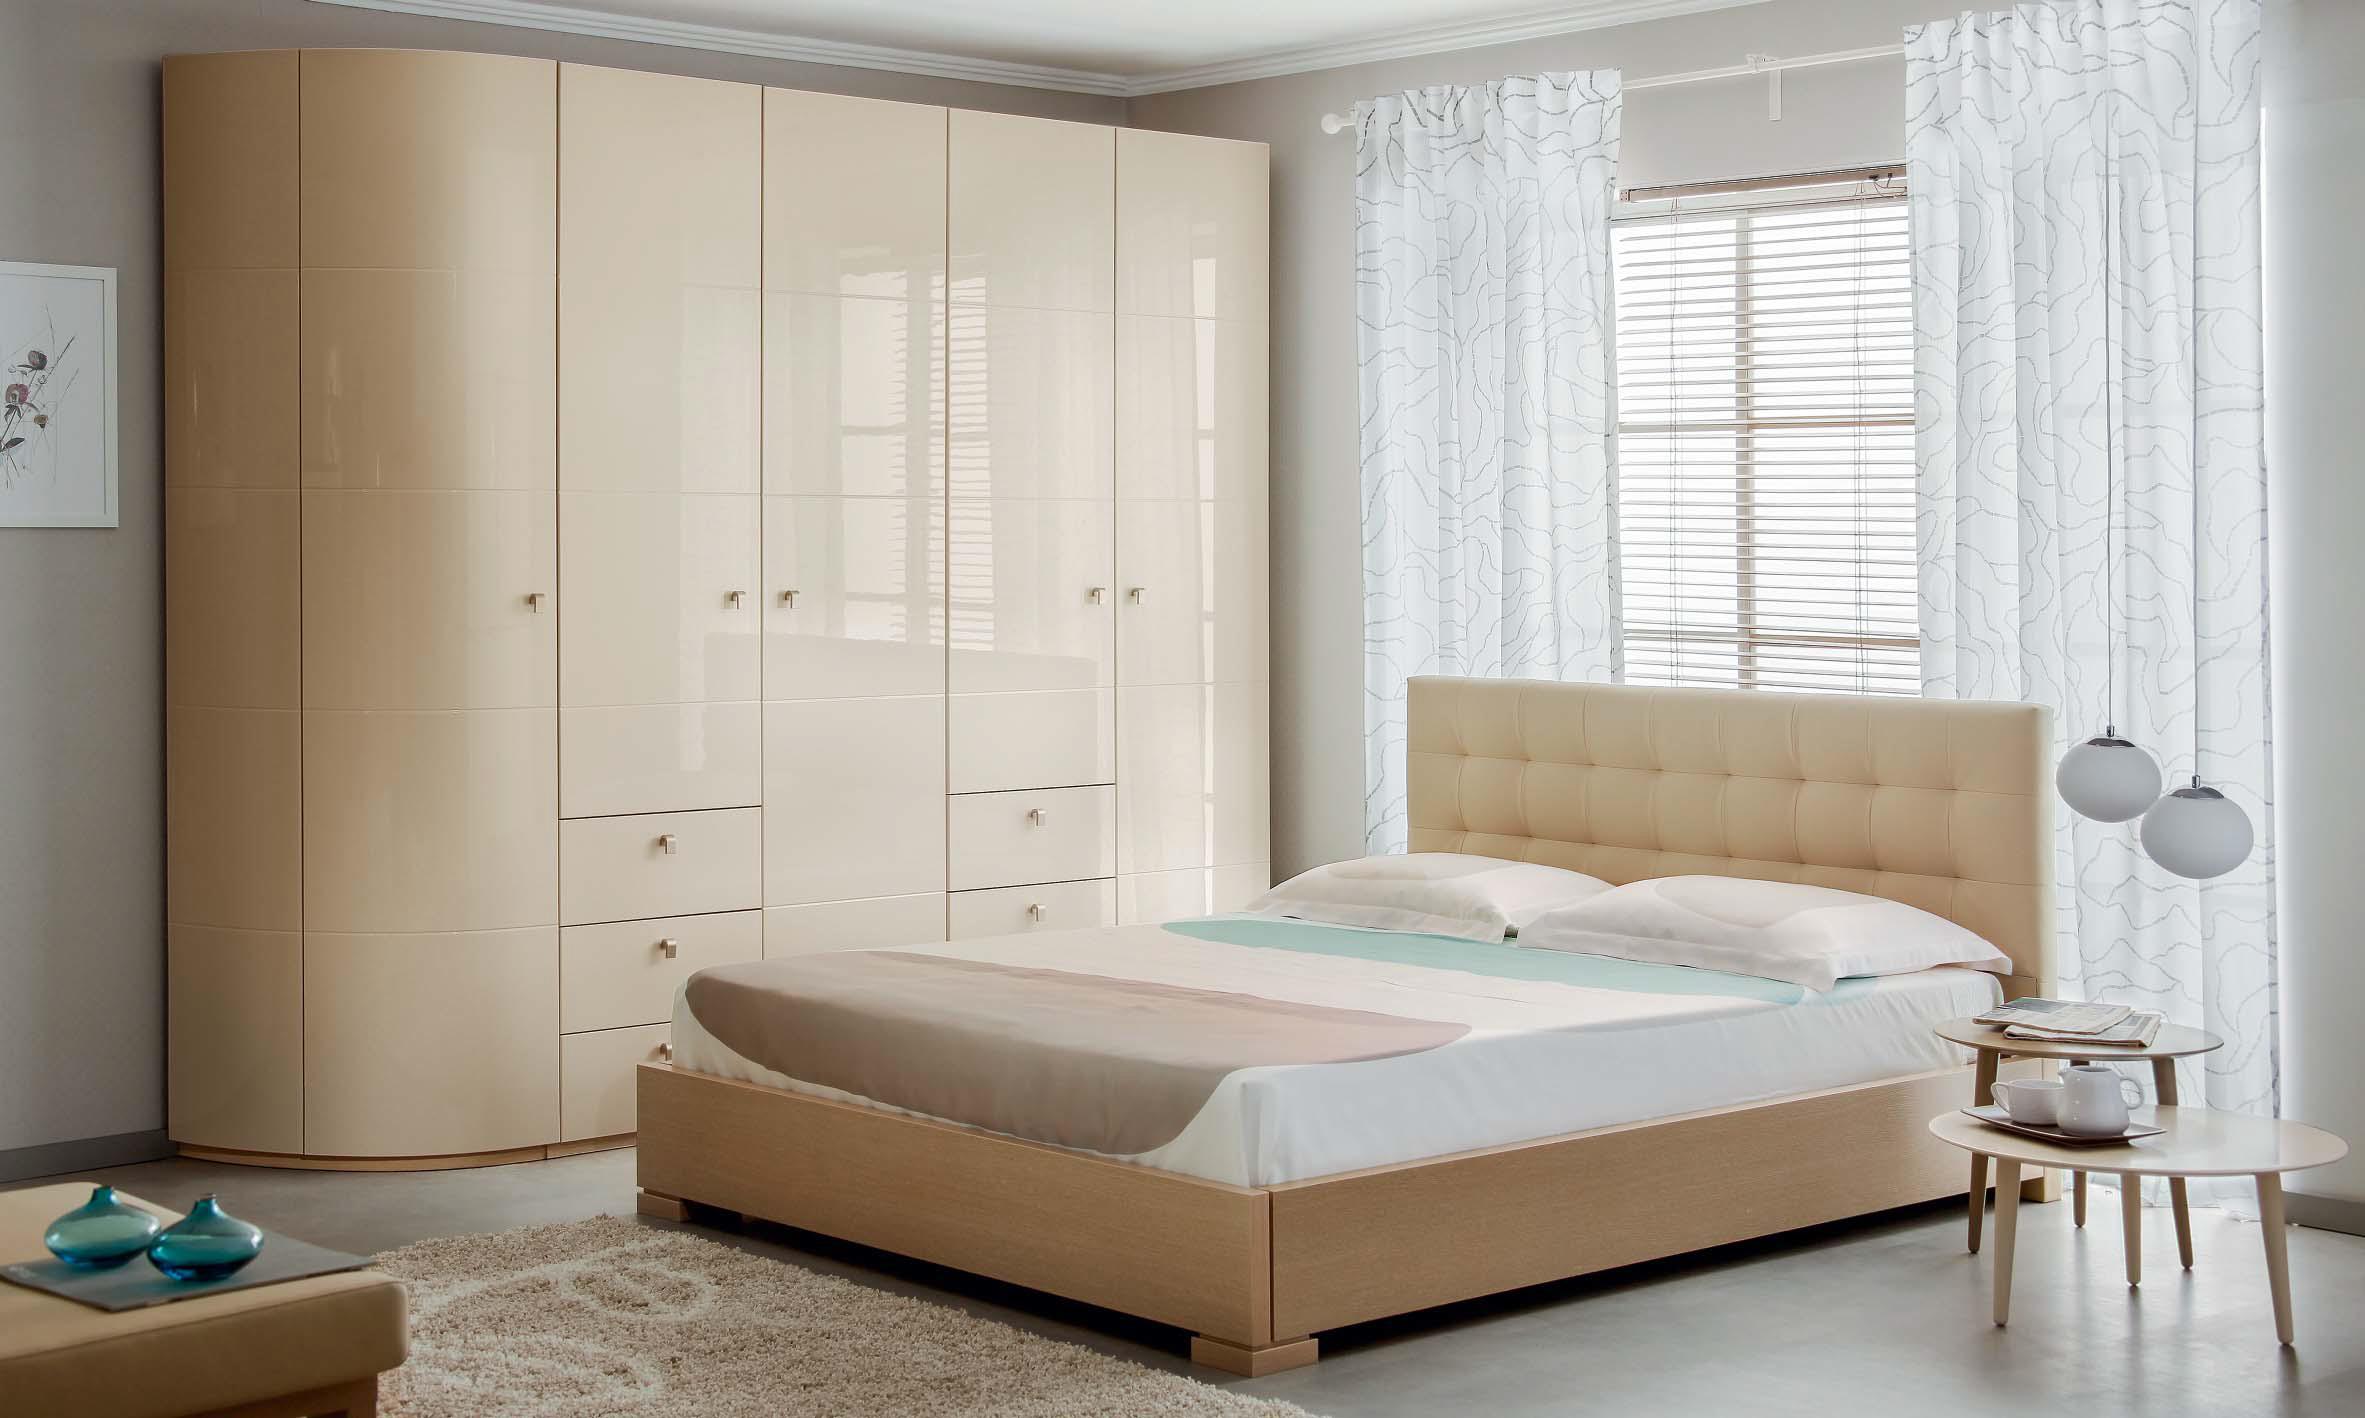 Купить глянцевую спальню в санкт-петербурге: узнать цены в и.